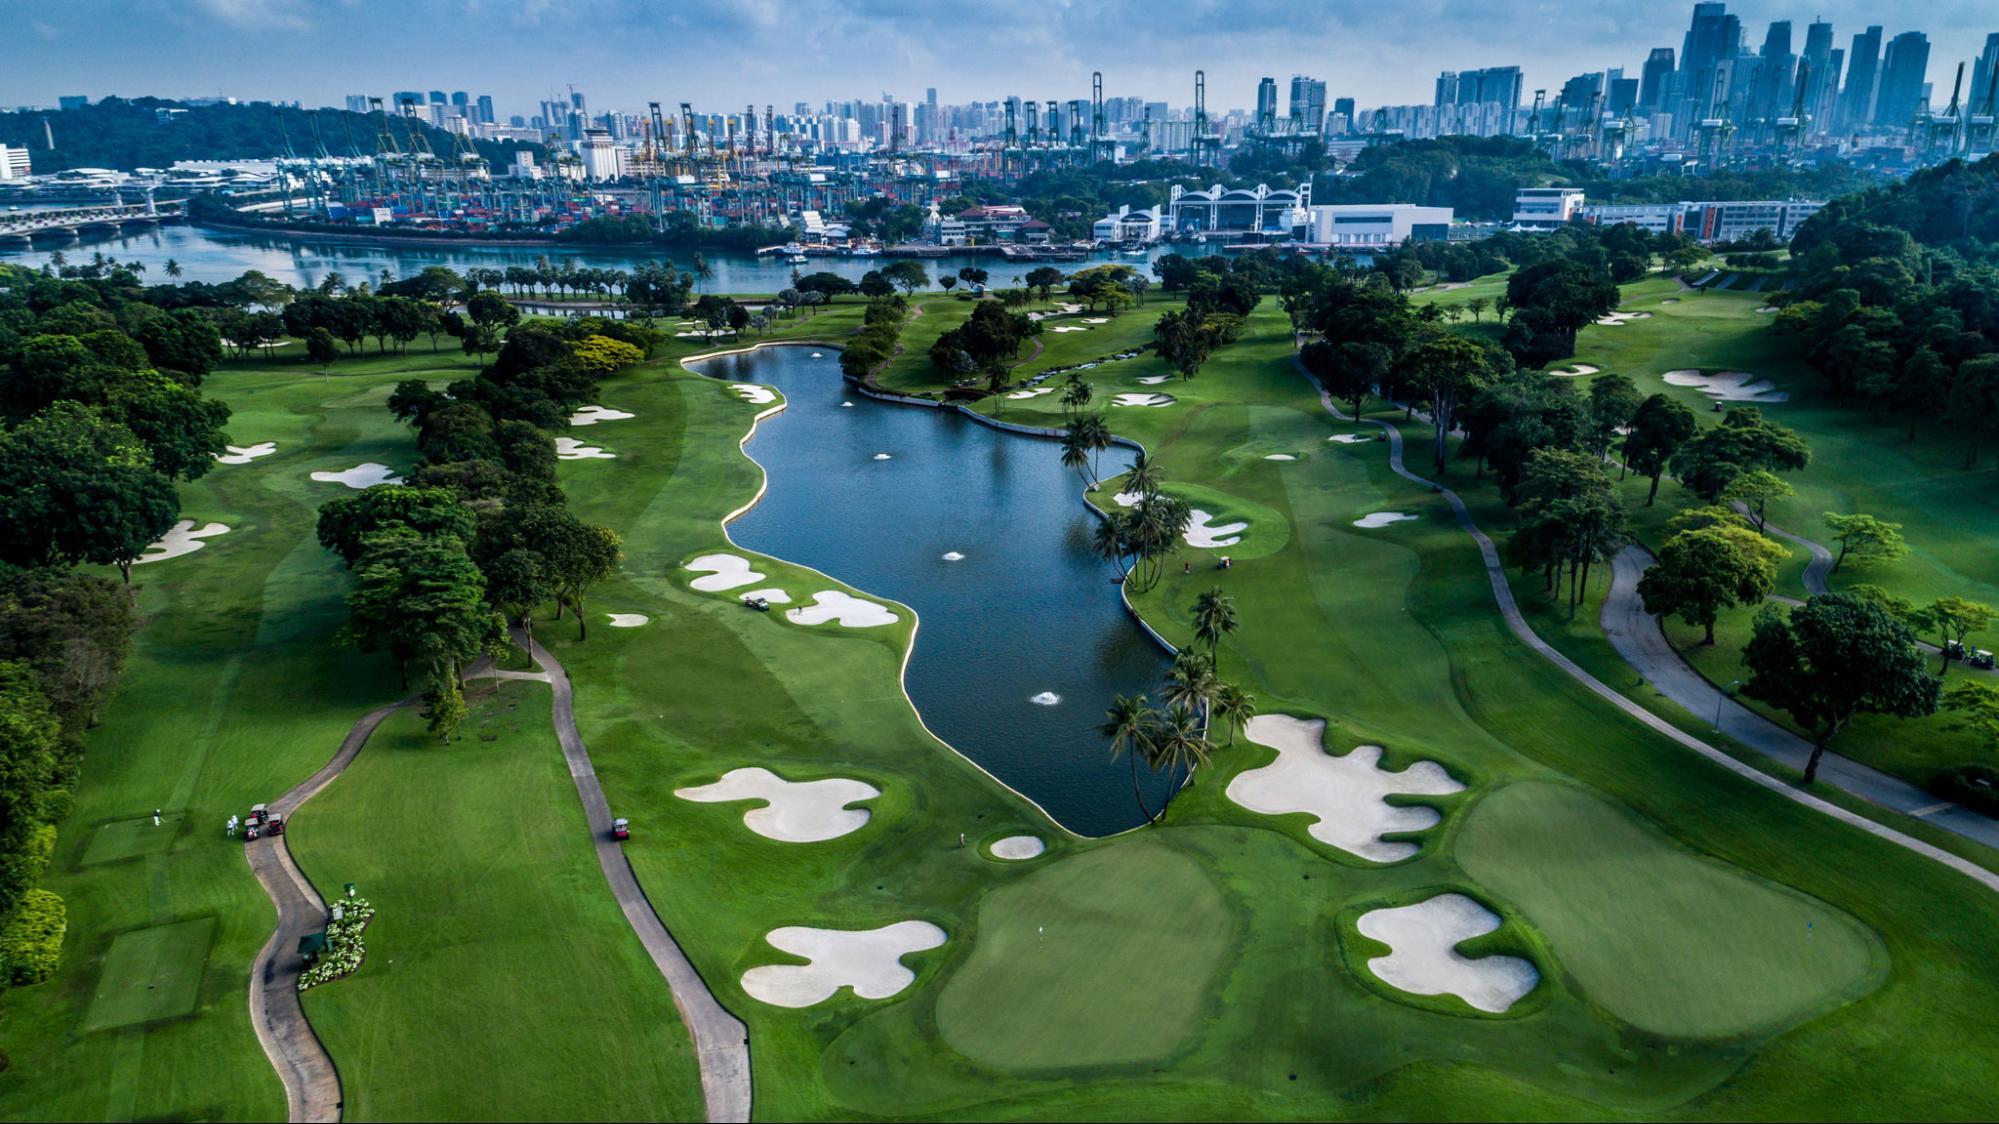 Sentosa Golf Club